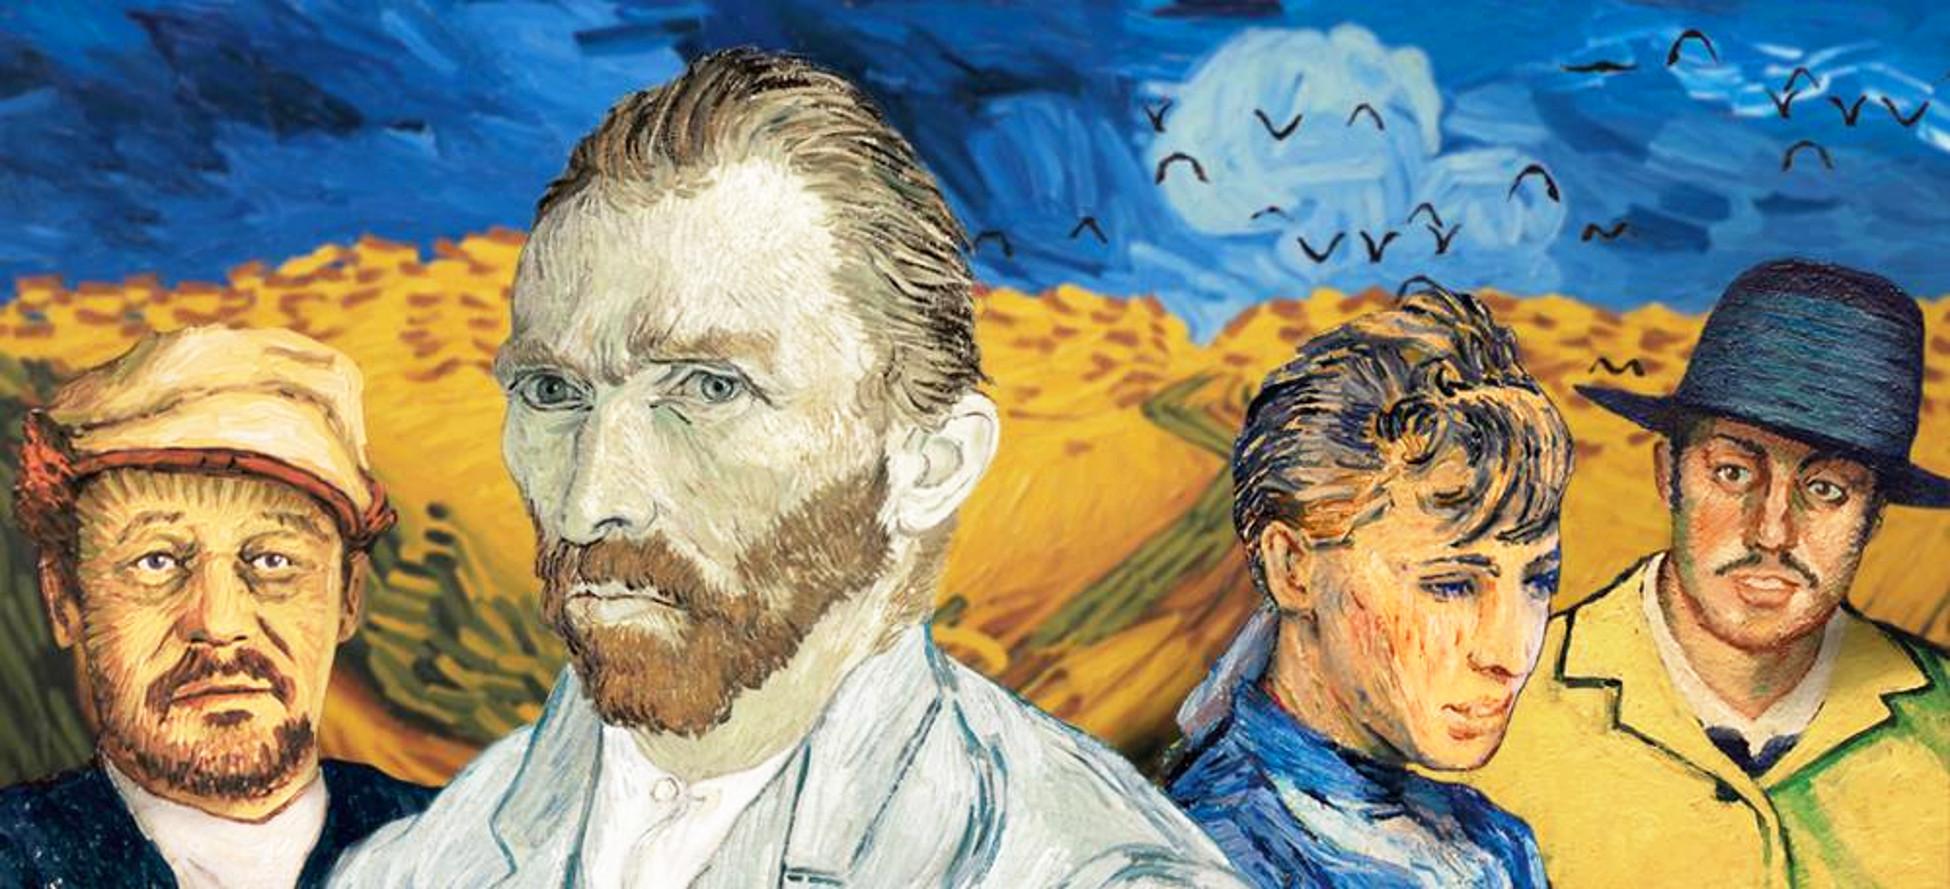 Czy Vincent van Gogh dostanie Oscara? Animowane arcydzieło z nominacją do najważniejszej nagrody filmowej